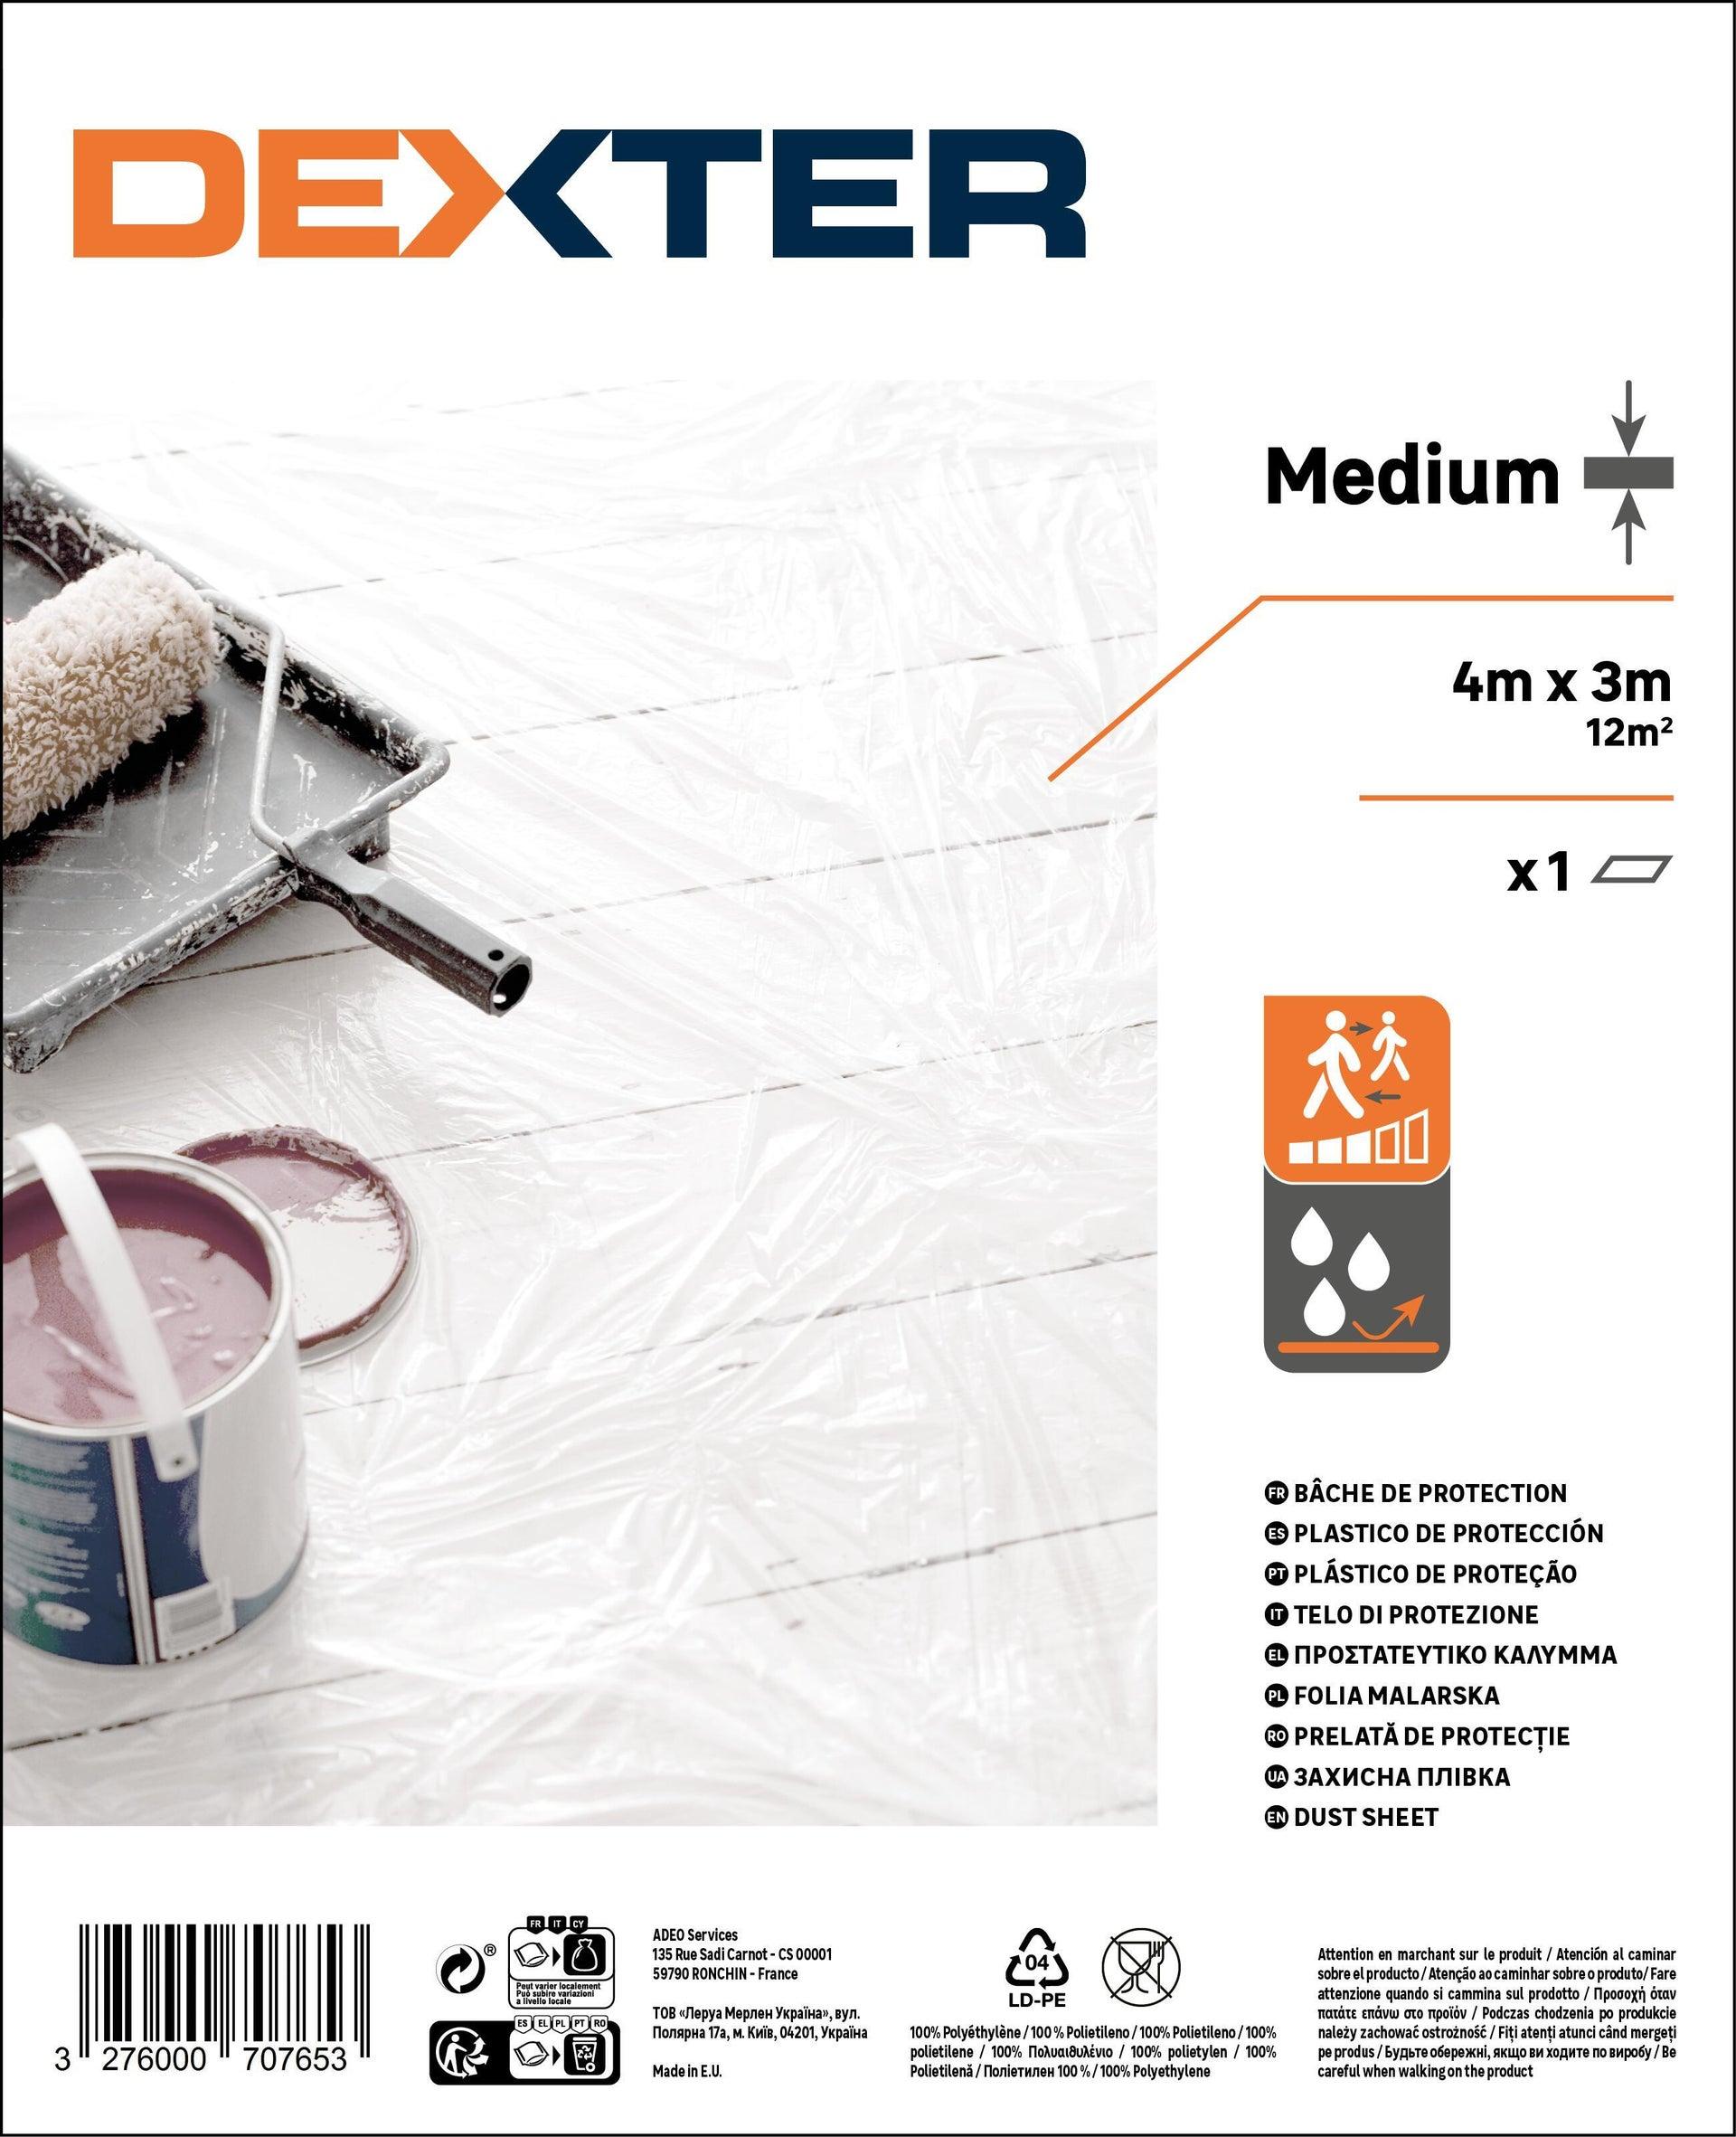 Telo di protezione DEXTER 4 X 3 m traslucido - 5